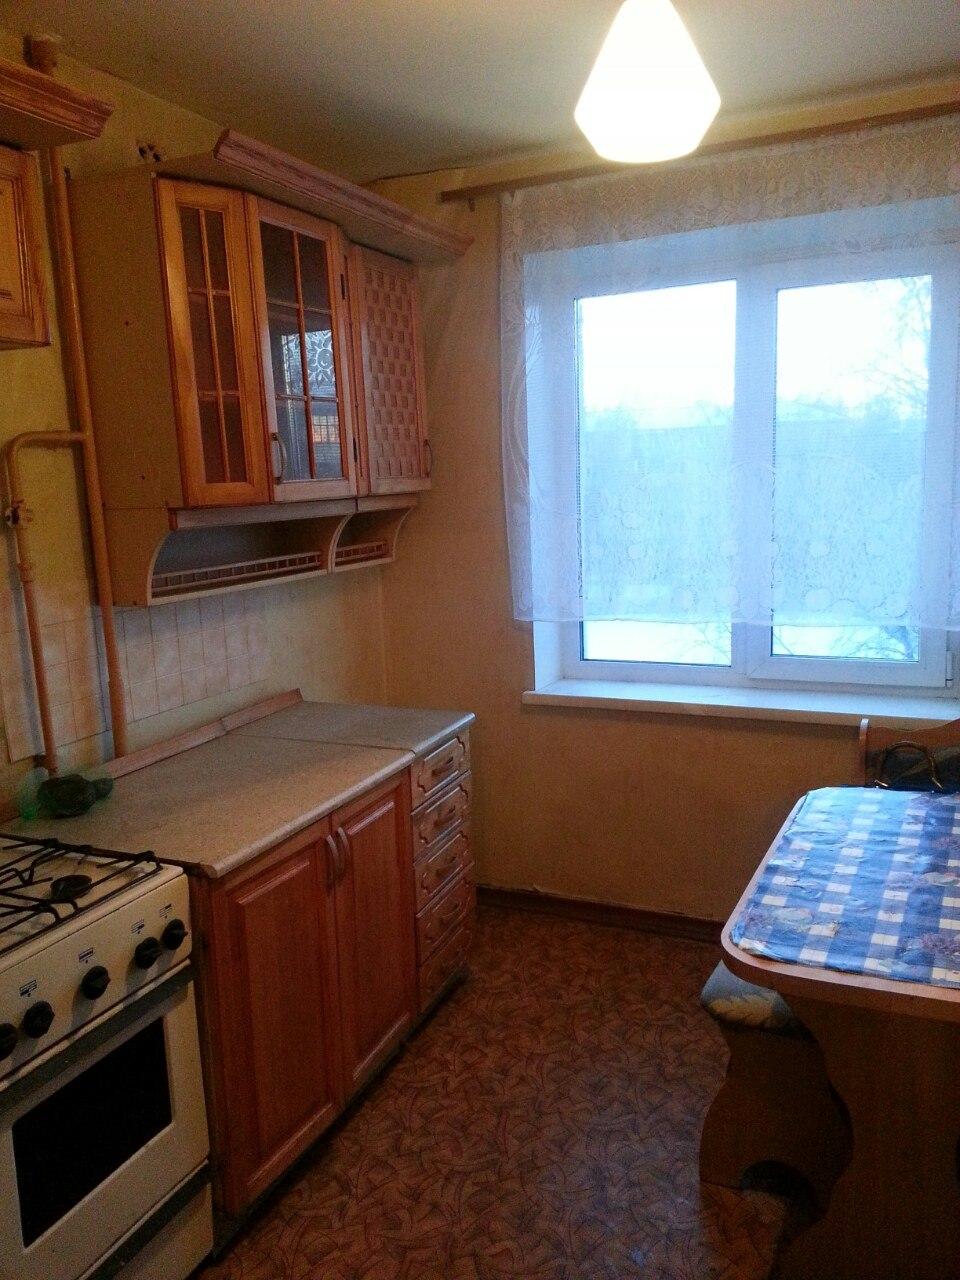 иметь собой купить квартиру в омске улица менделеева 1 комнатную термобелье создавалось